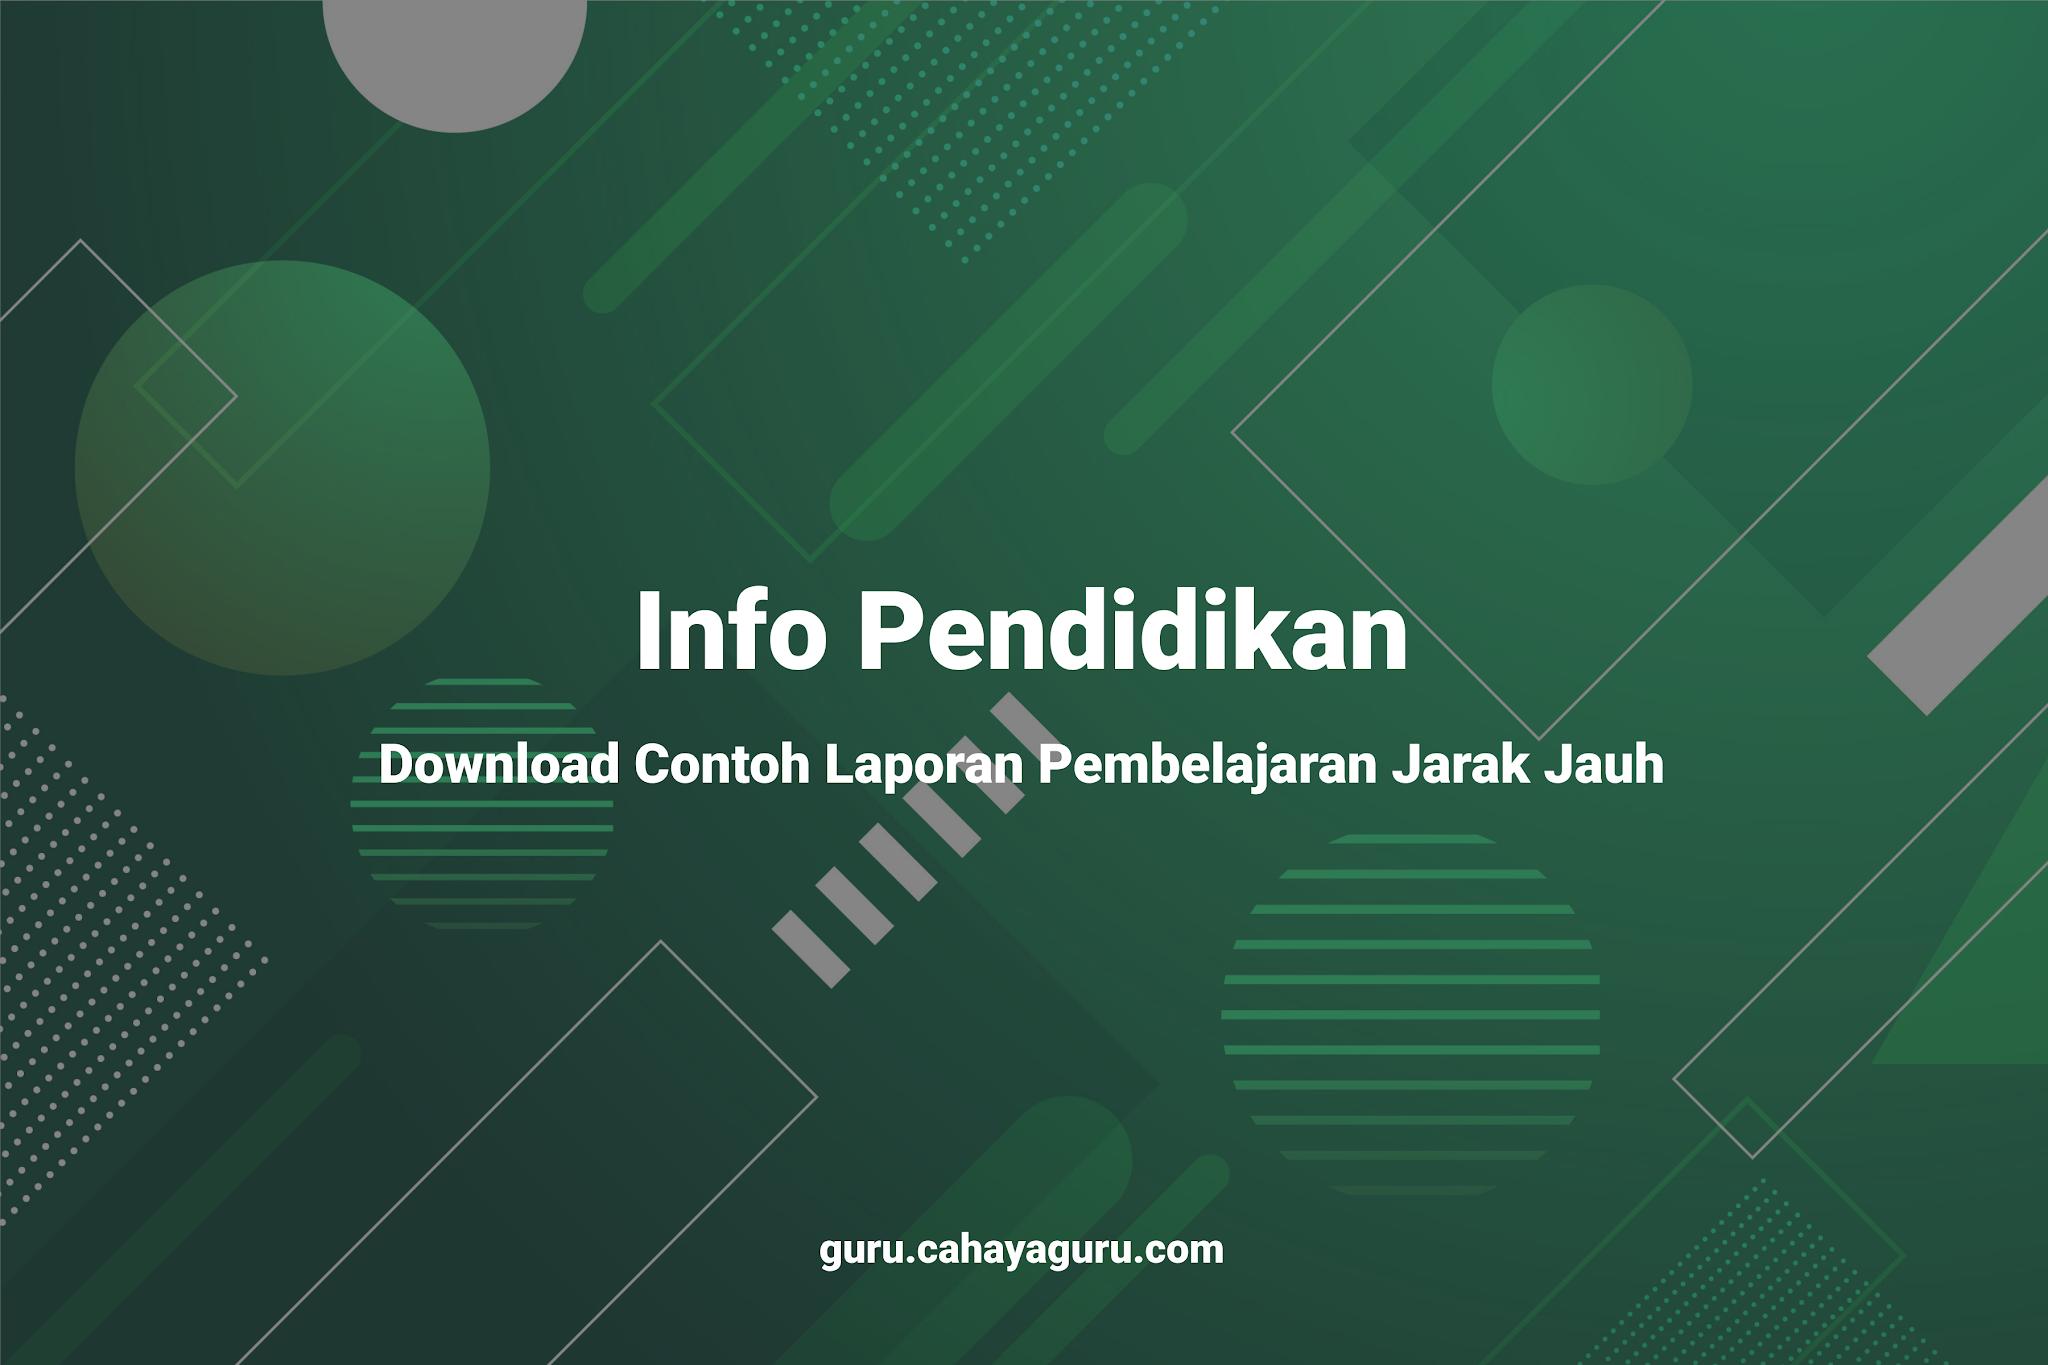 Download Contoh Laporan Pembelajaran Jarak Jauh